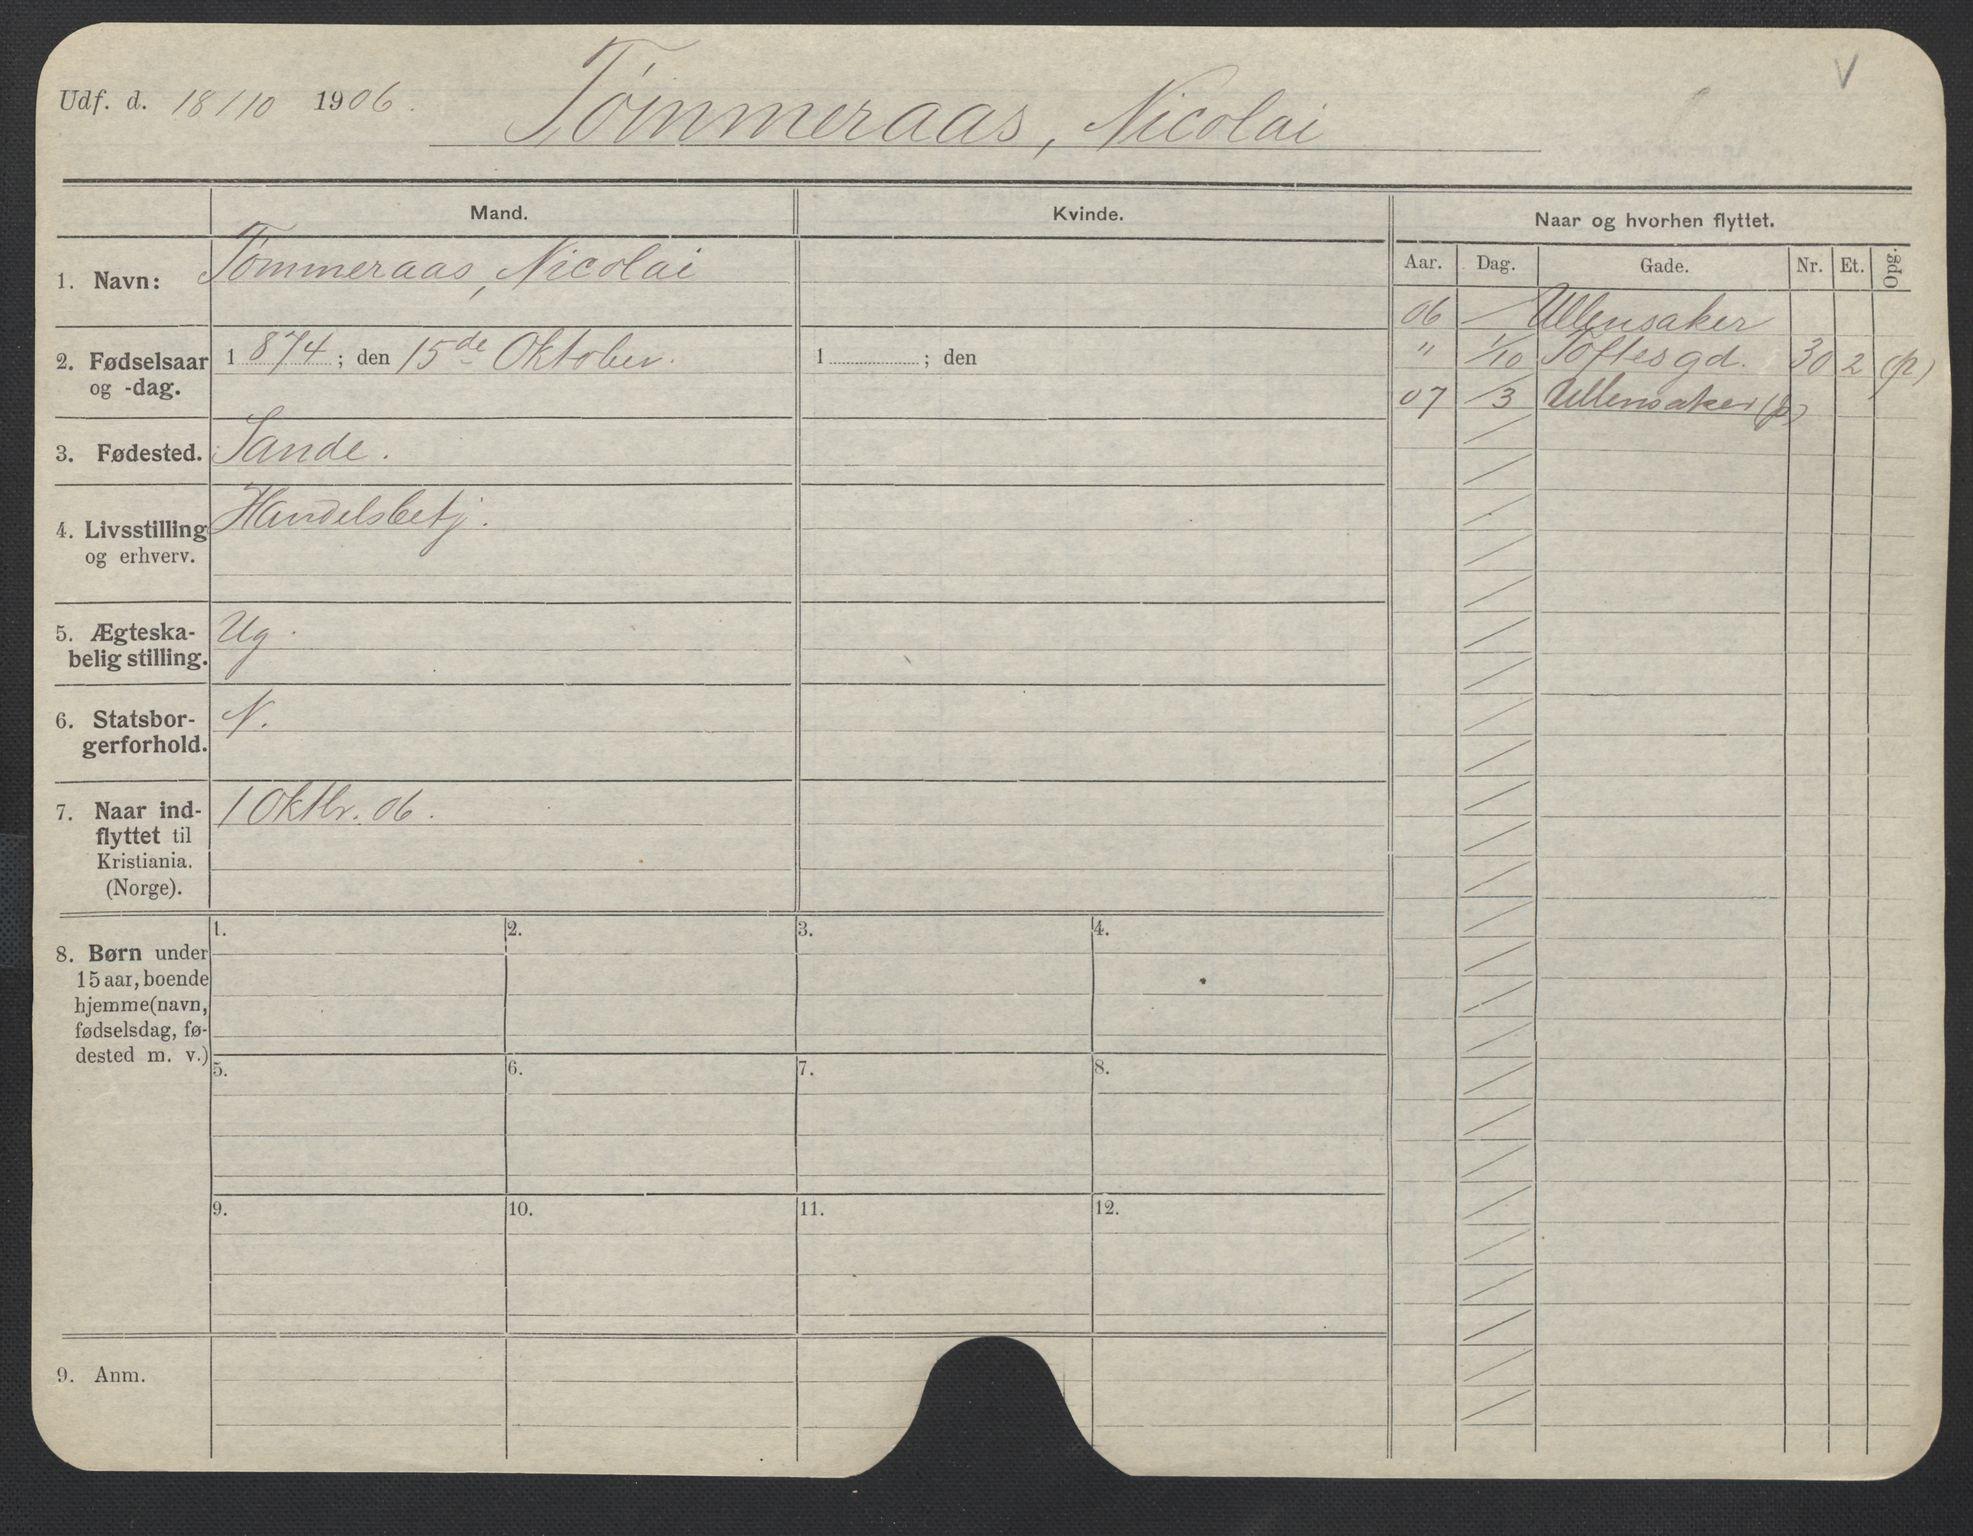 SAO, Oslo folkeregister, Registerkort, F/Fa/Fac/L0011: Menn, 1906-1914, s. 476a